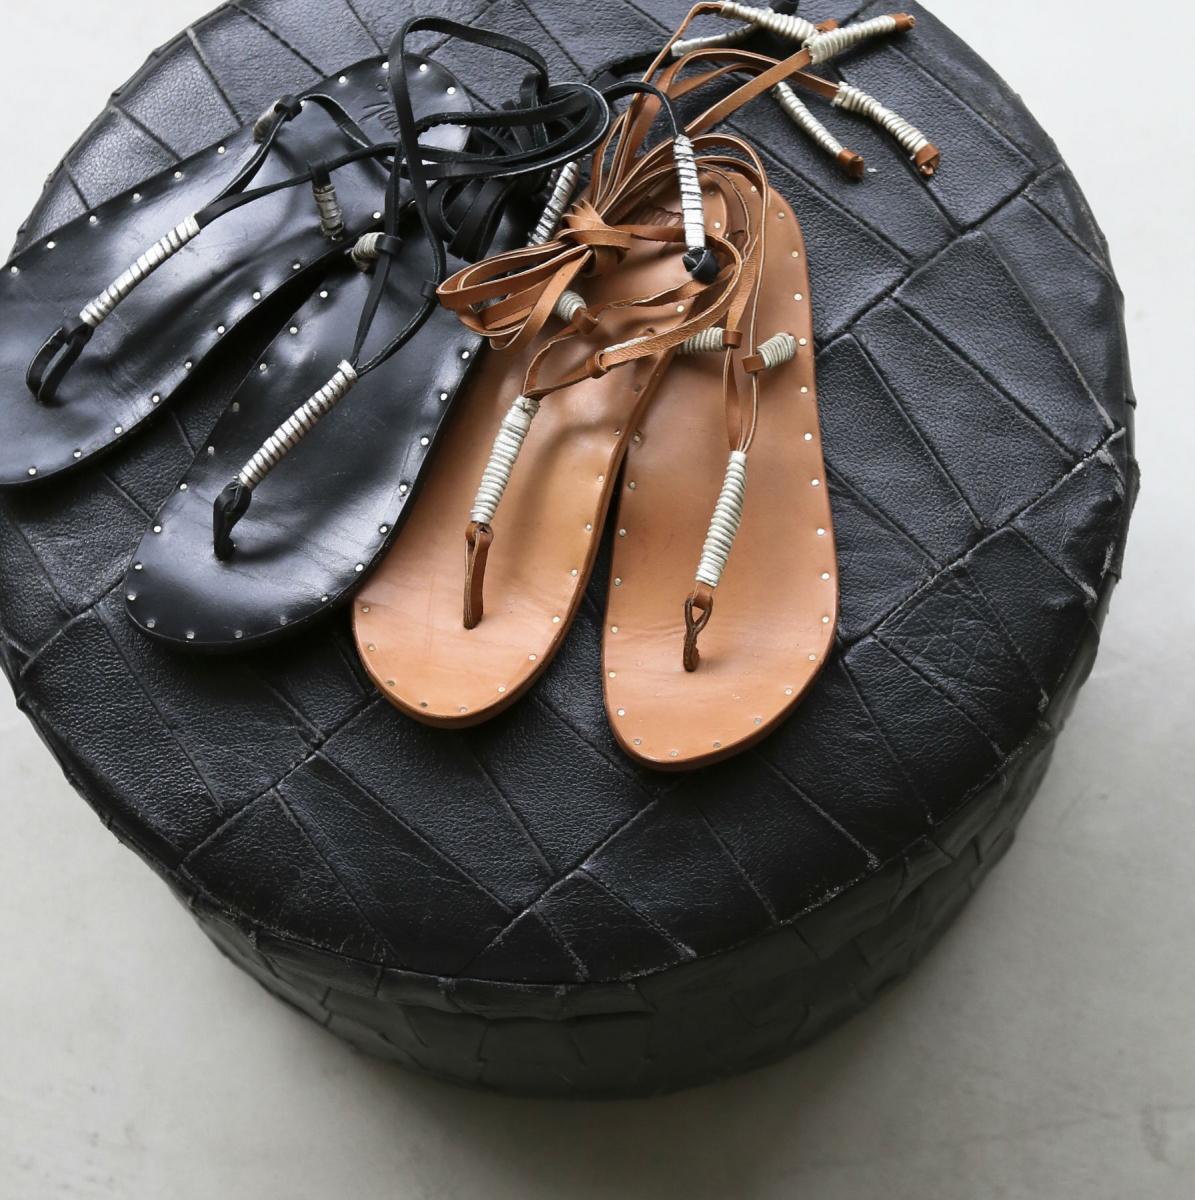 サンダル各¥39,000(ビーク)/エーピー ストゥディオ ニュウマン シンジュク